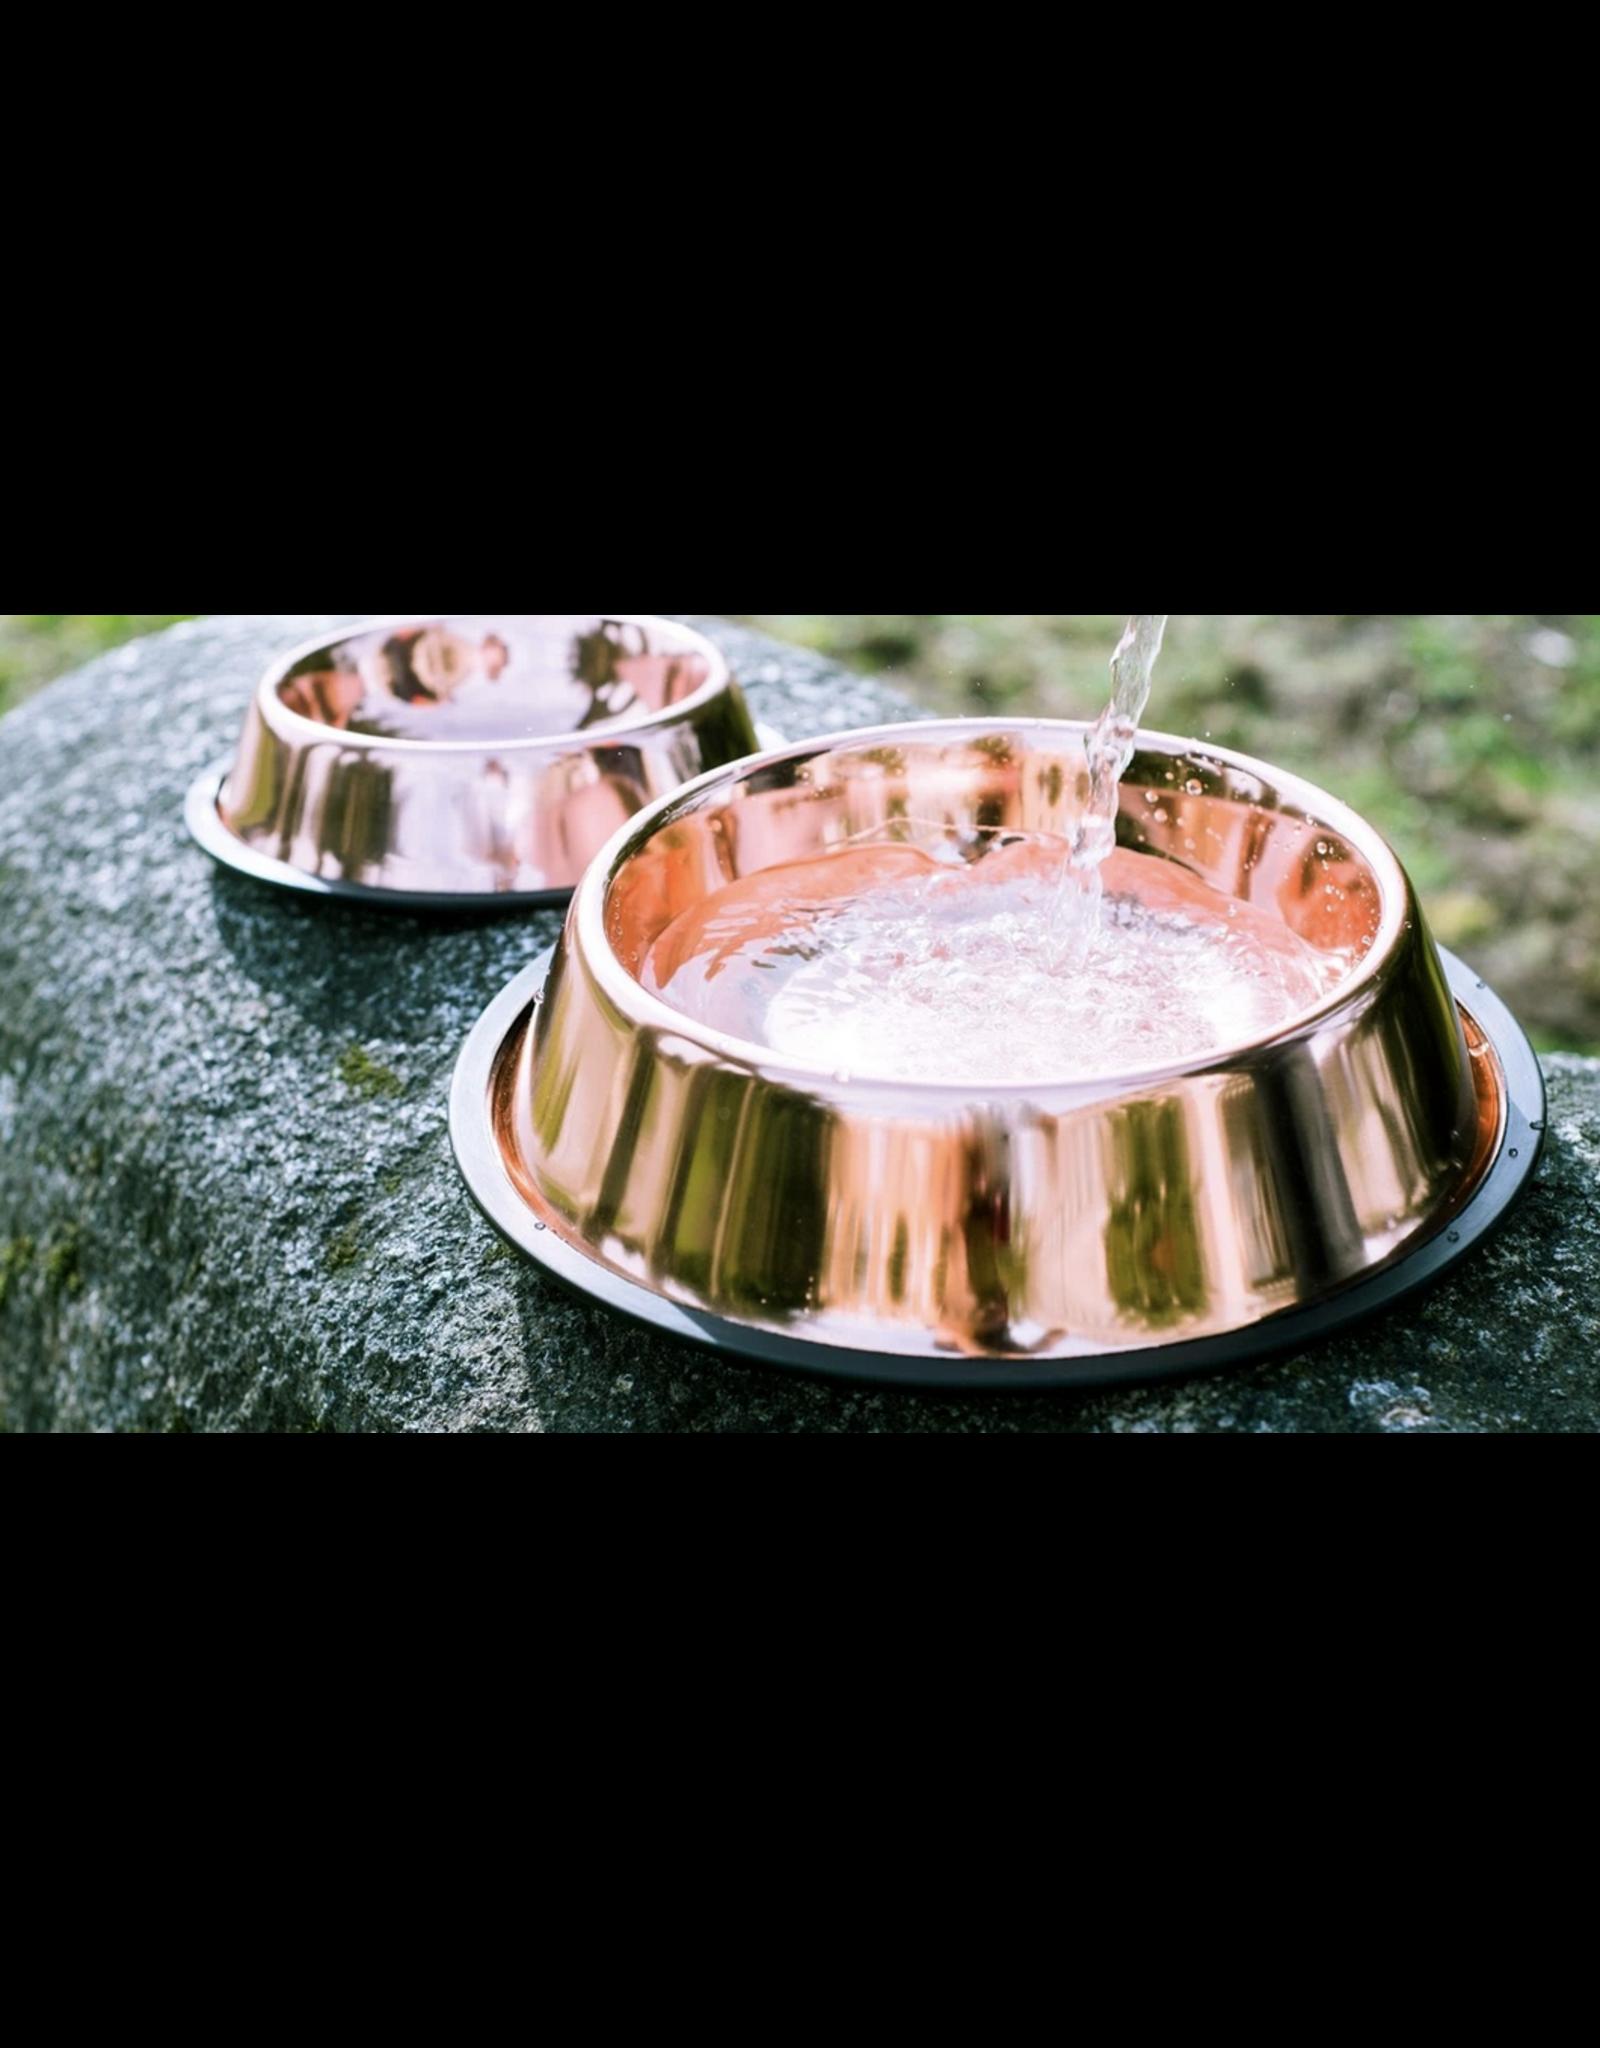 BoxerTUFF BoxerTUFF - Copper Bowl - Non-slip - 48oz